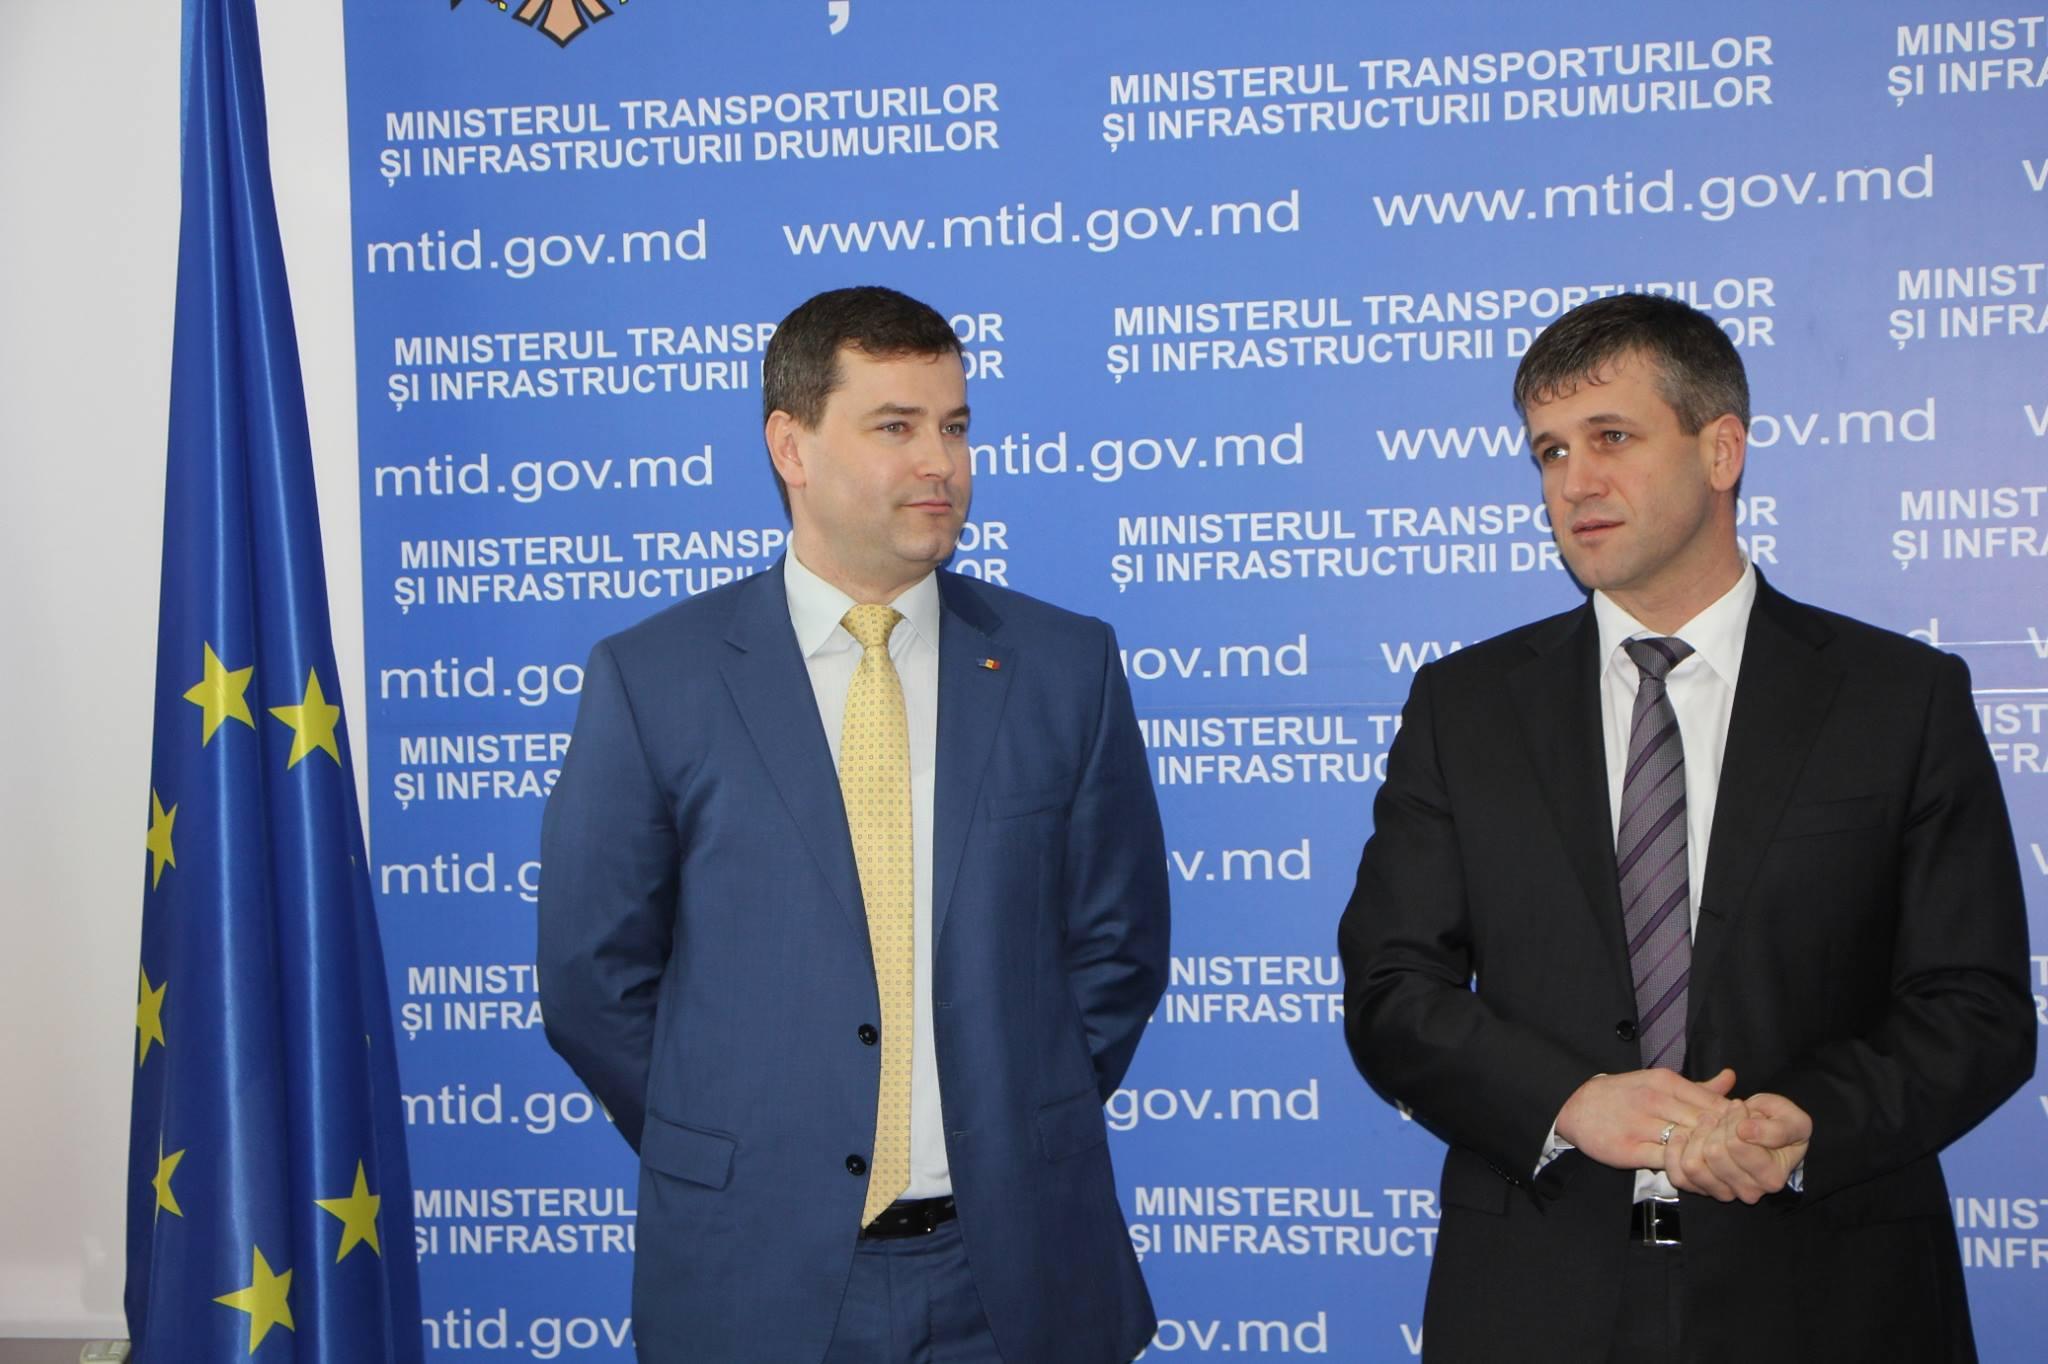 Viceministrul responsabil de sectorul drumurilor – prezentat colectivului